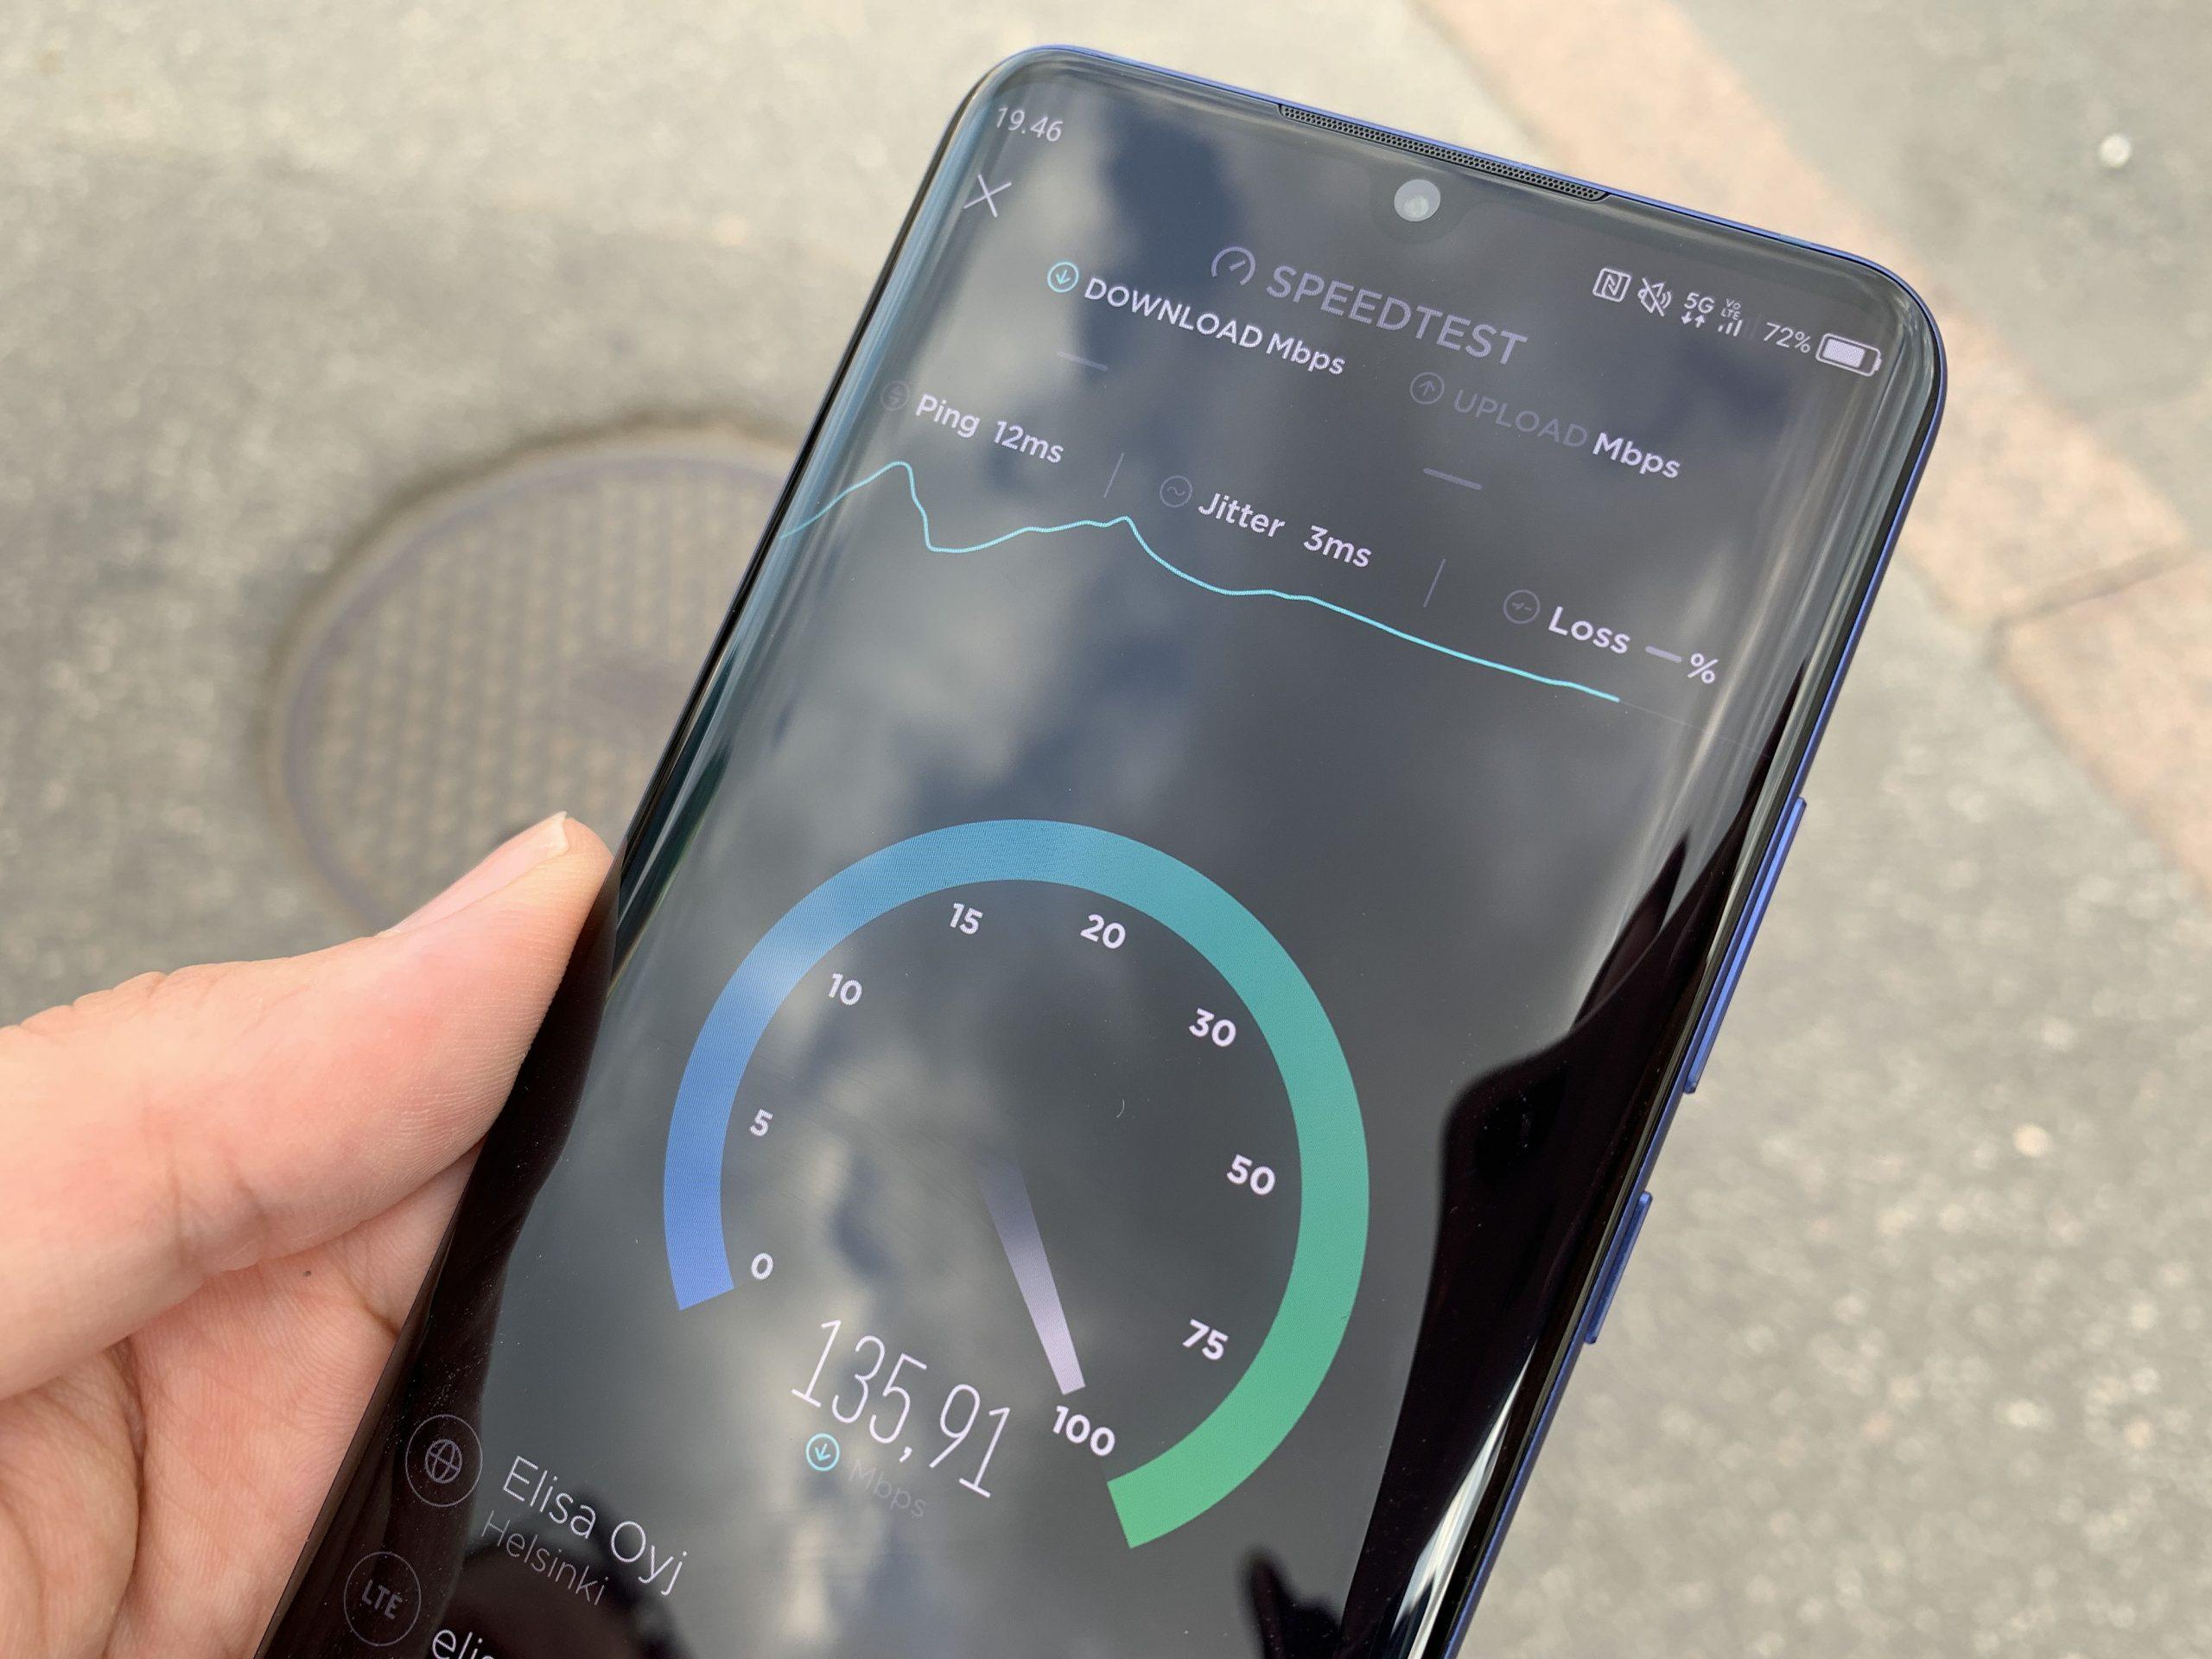 Helsingin keskustassa Elisan 5G-verkossa testatut nopeudet jäivät vielä yleisesti 100-200 megabitin väliin.